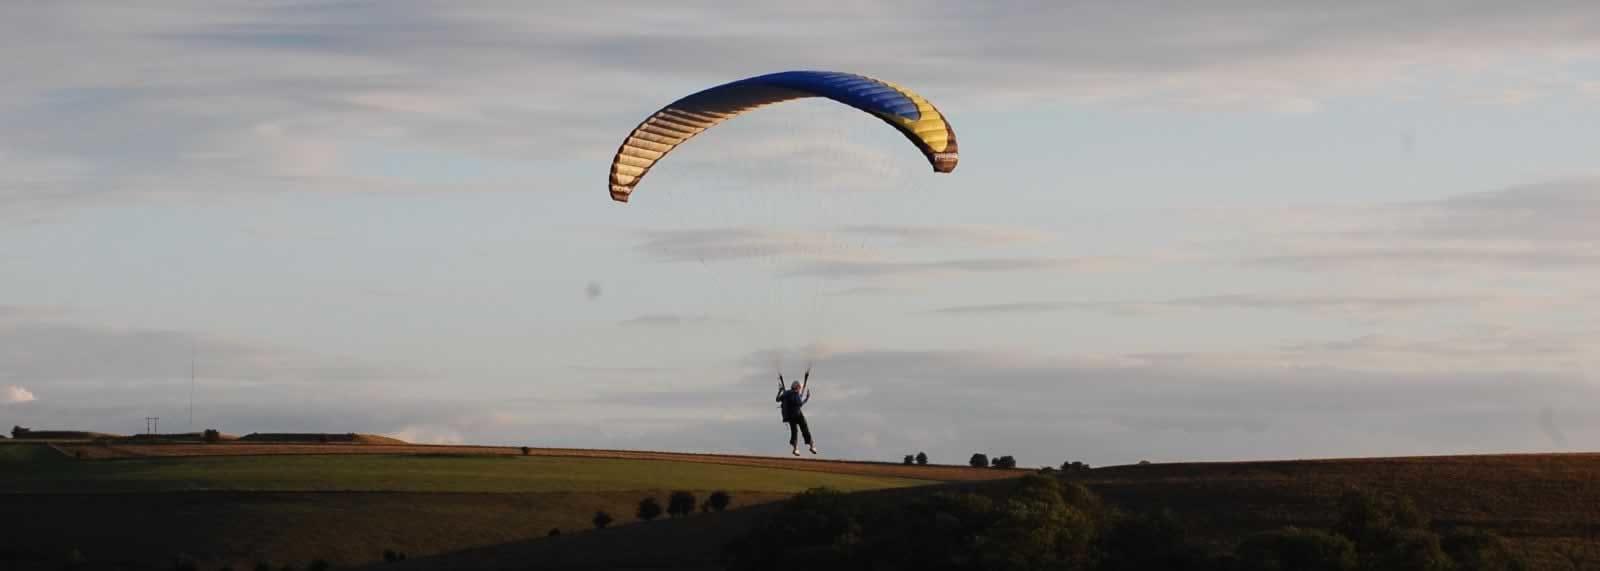 Paramotoring in Wiltshire - SkySchool